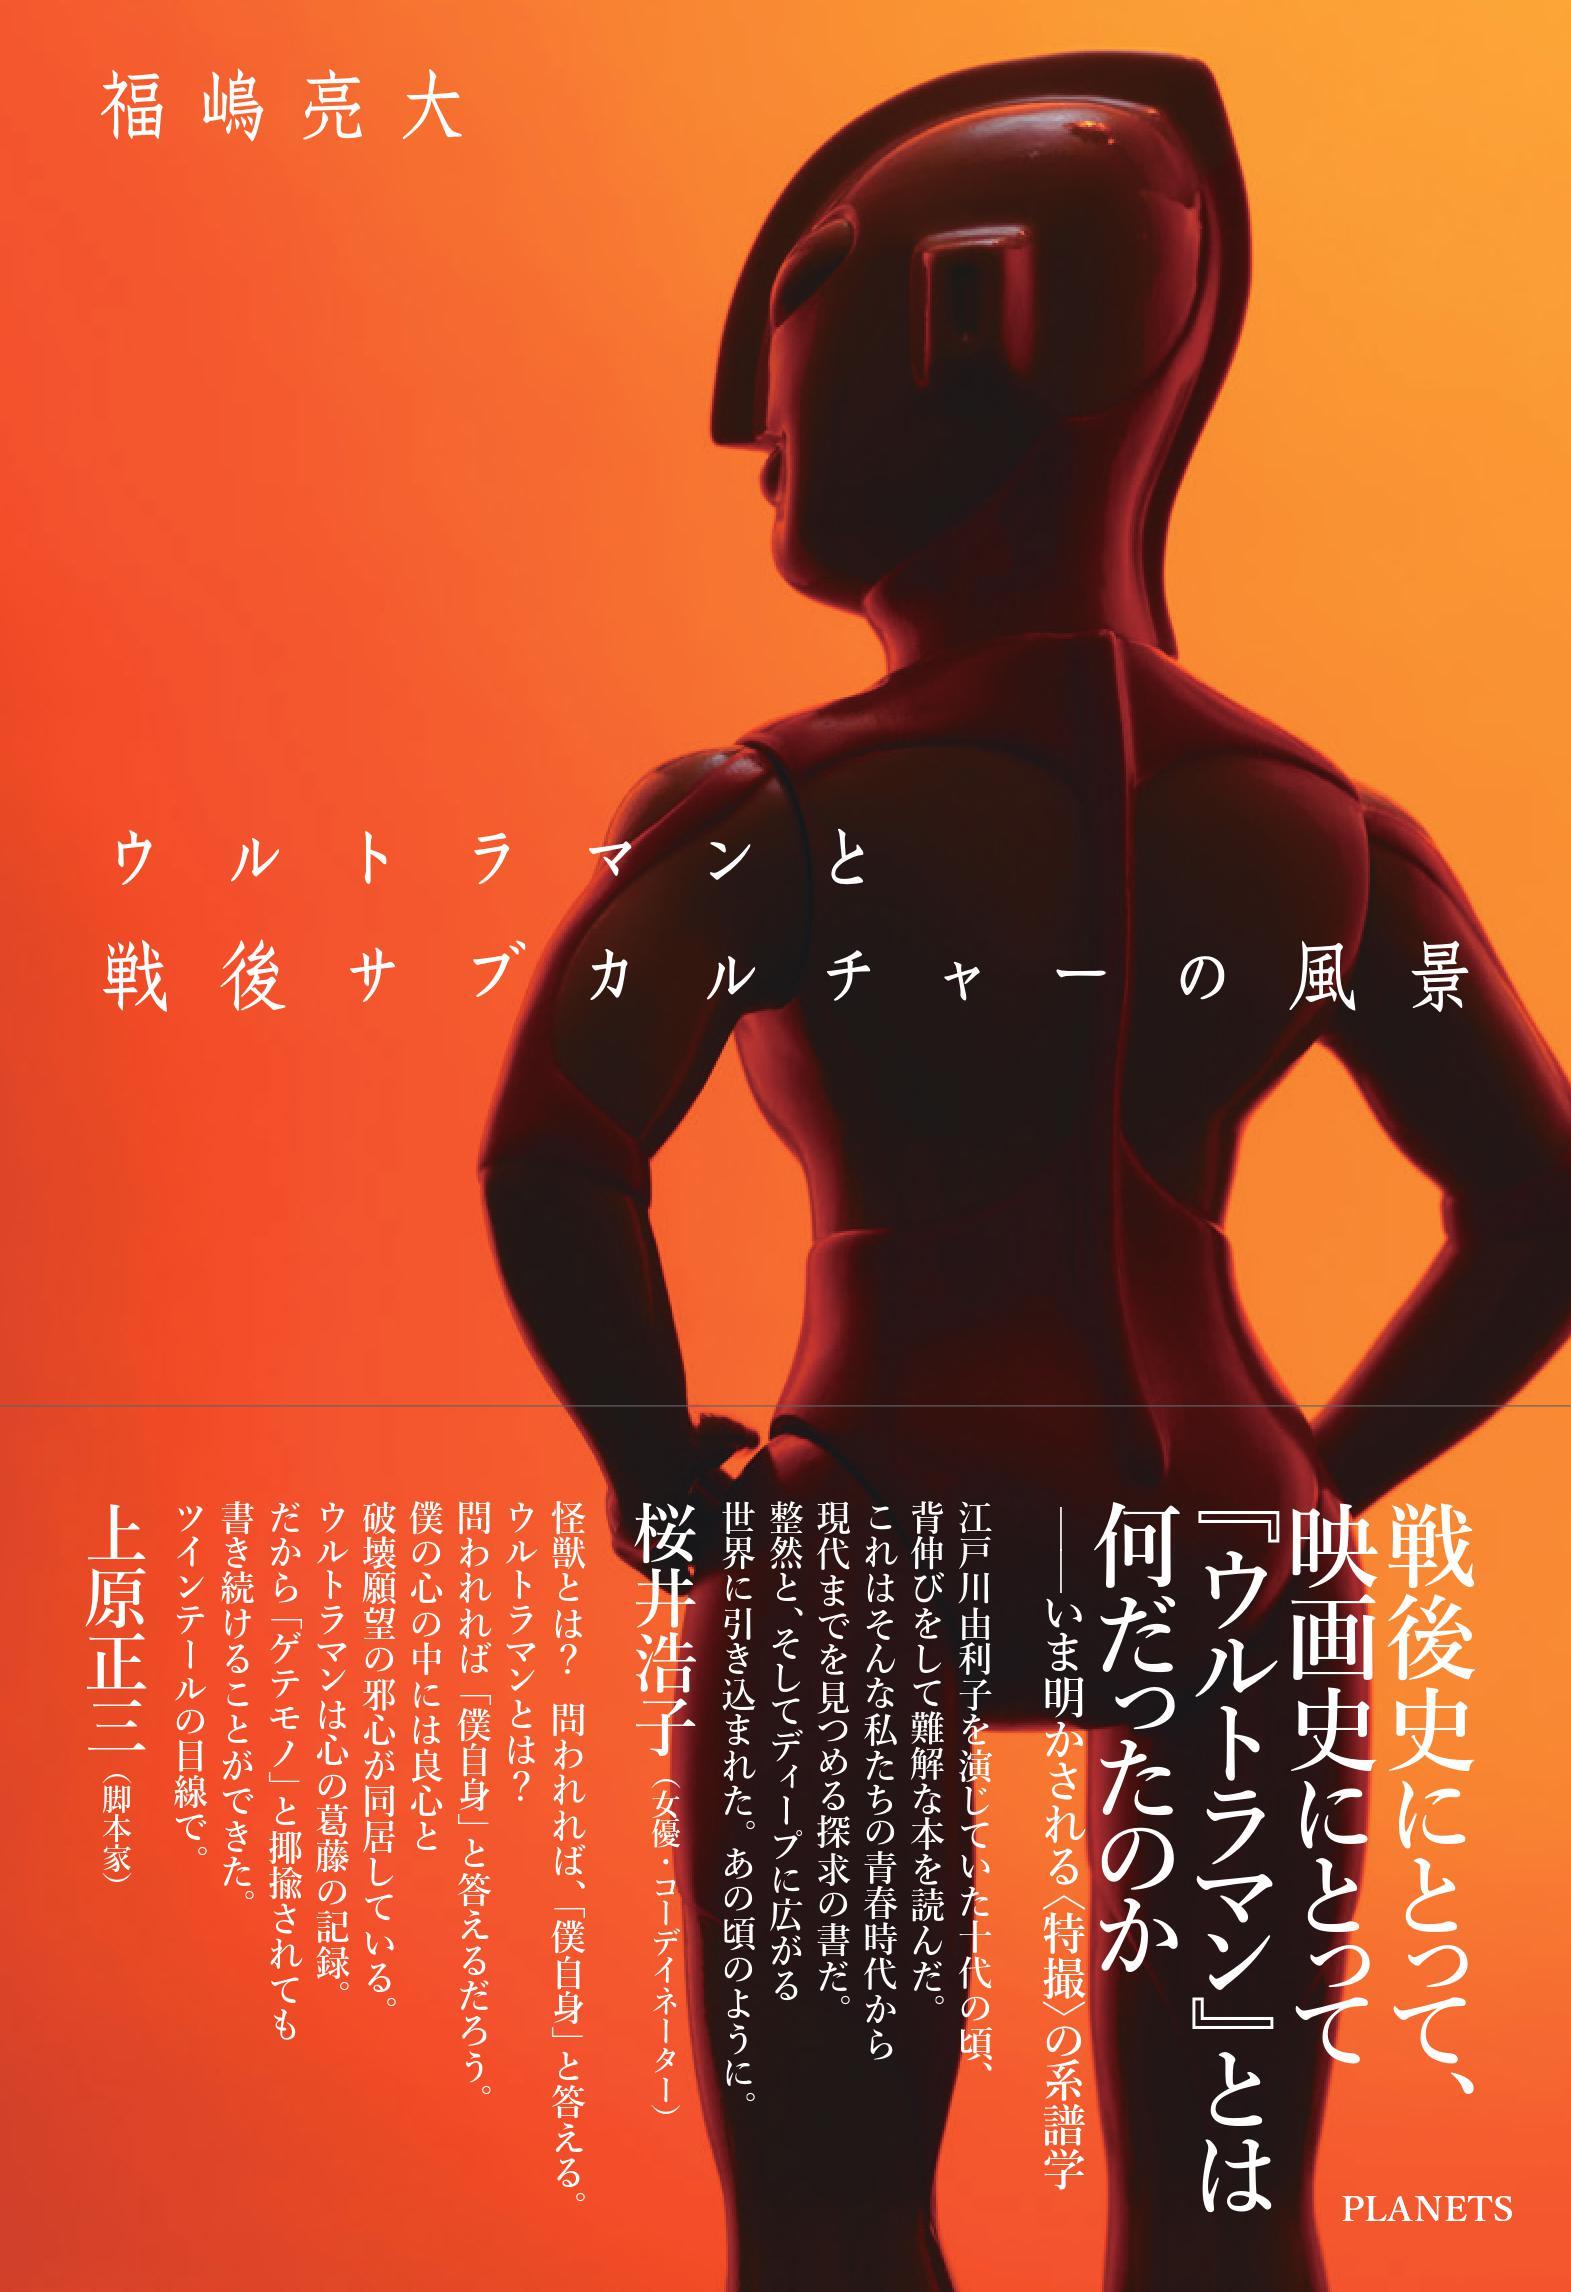 福嶋亮大『ウルトラマンと戦後サブカルチャーの風景』